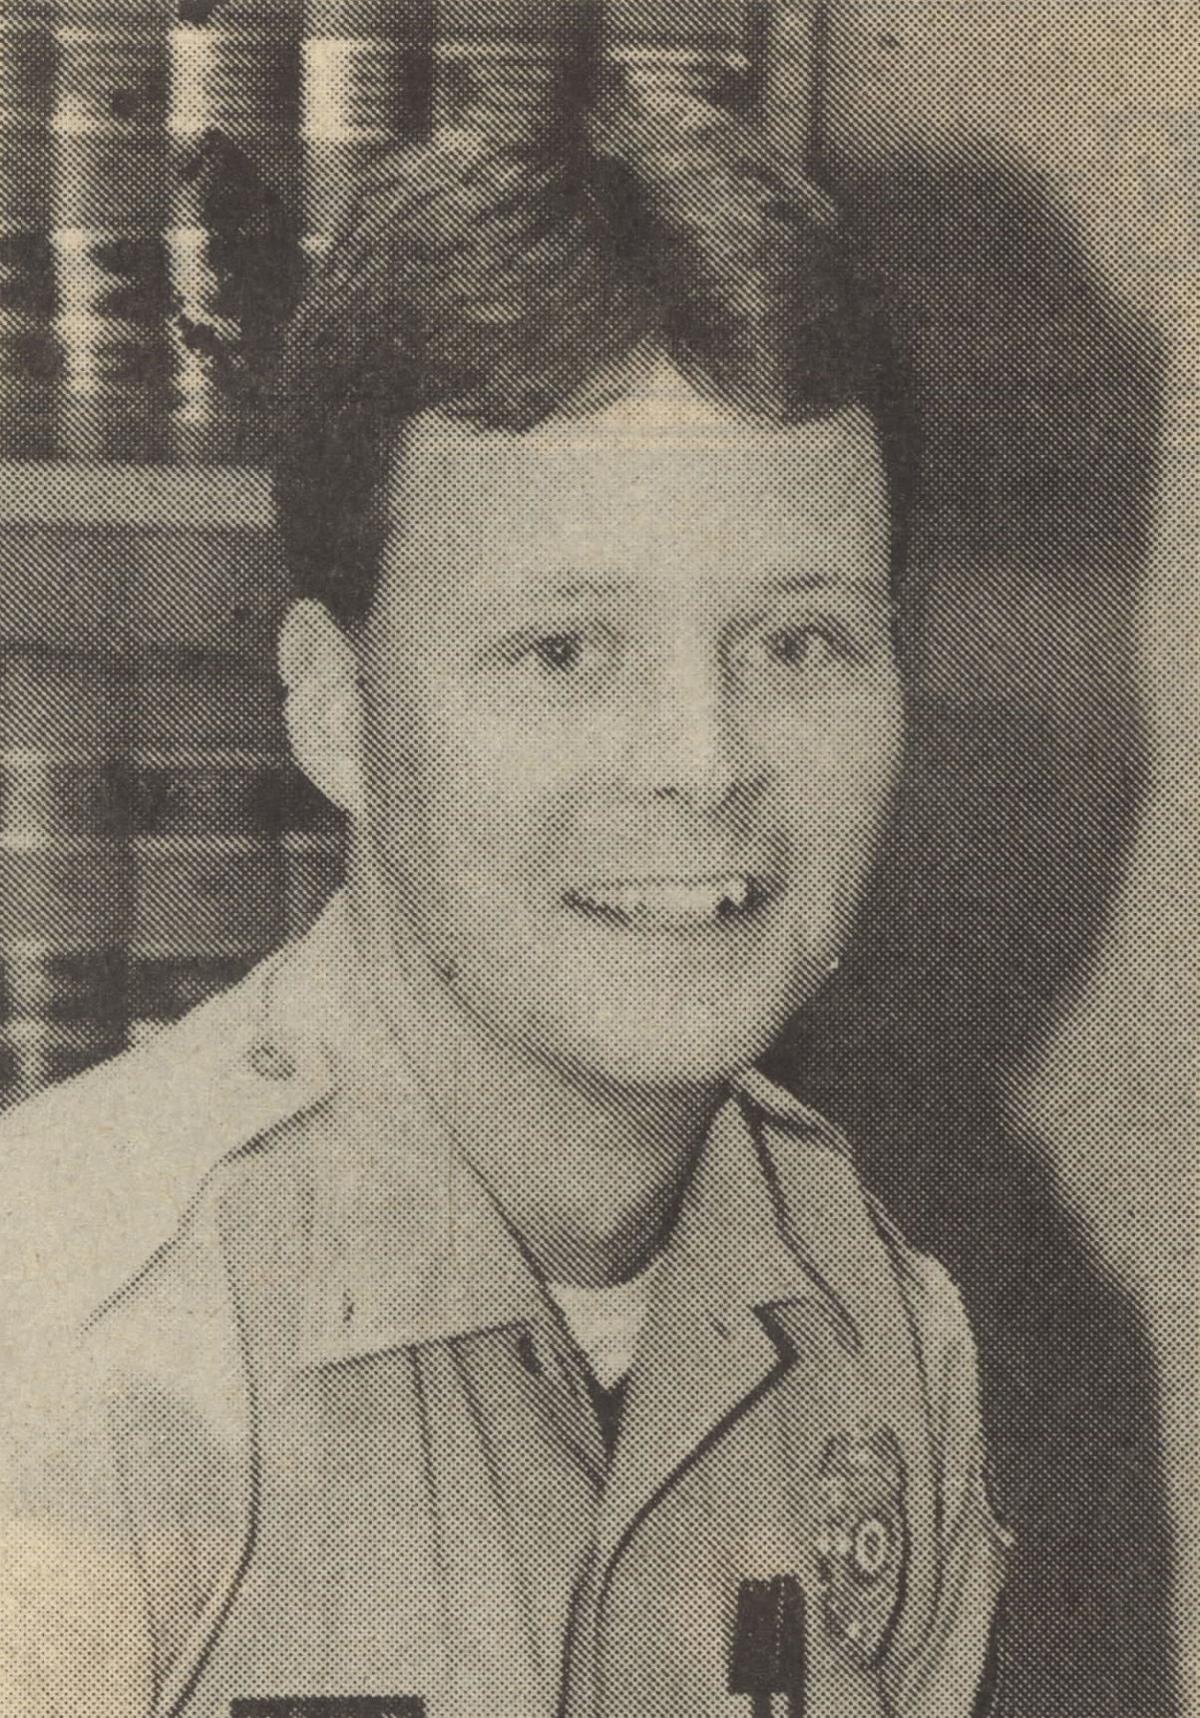 Sergeant Woodside